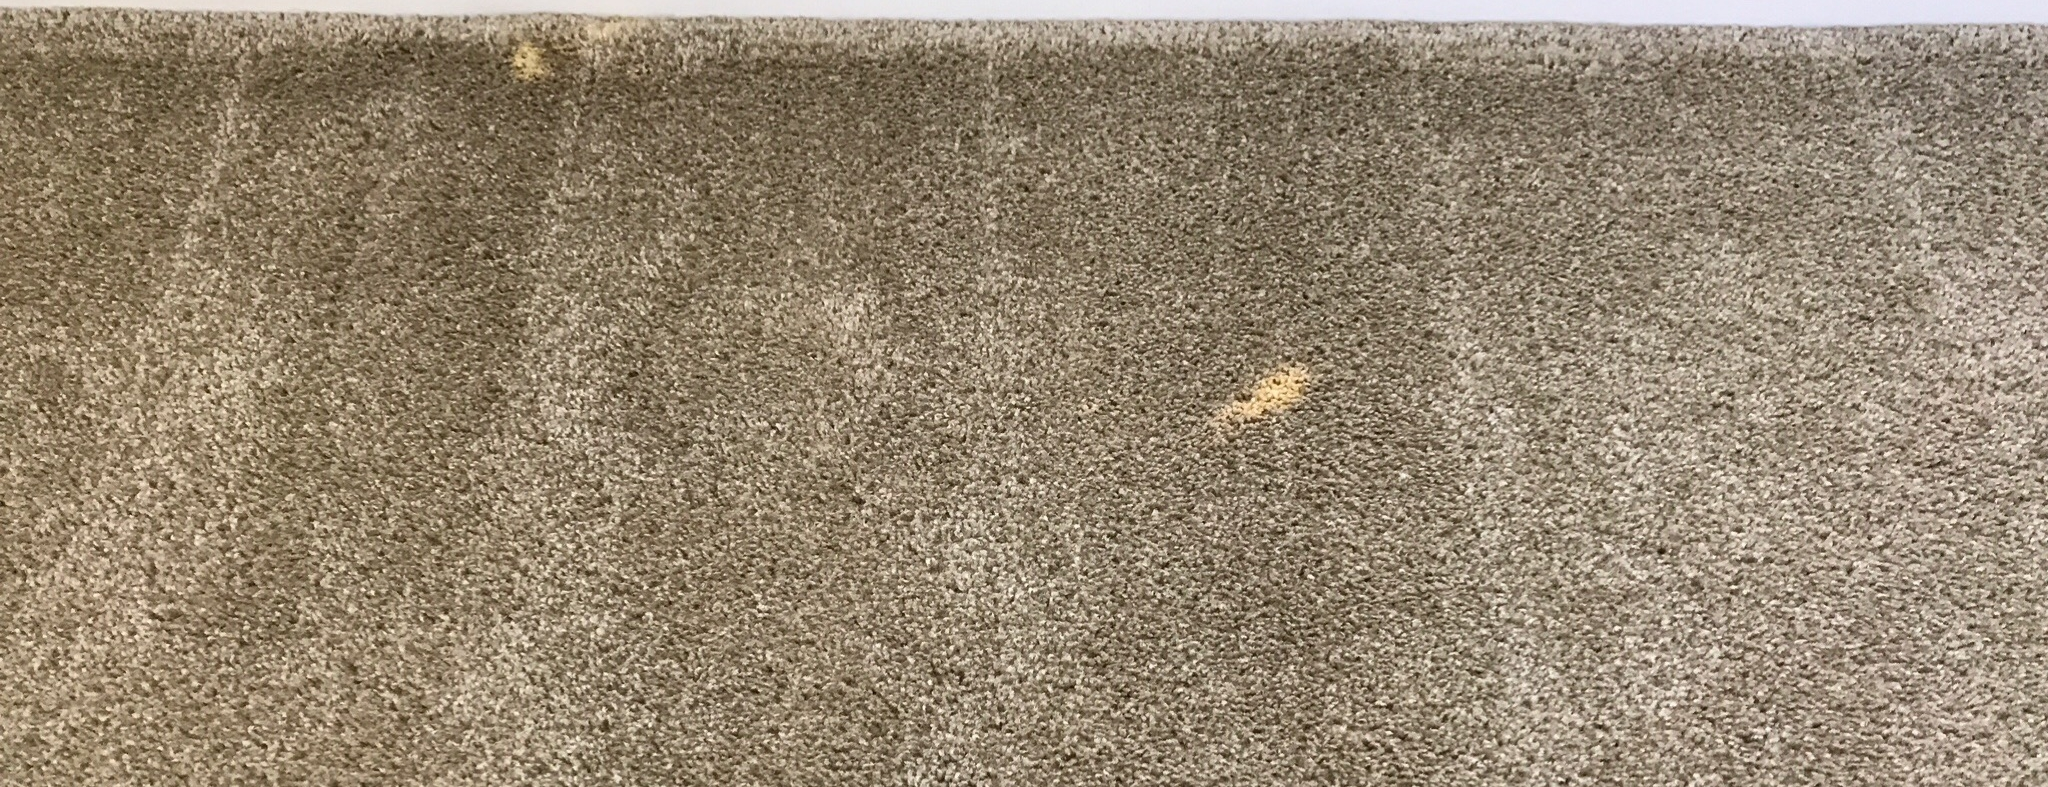 Carpet Dyeing -